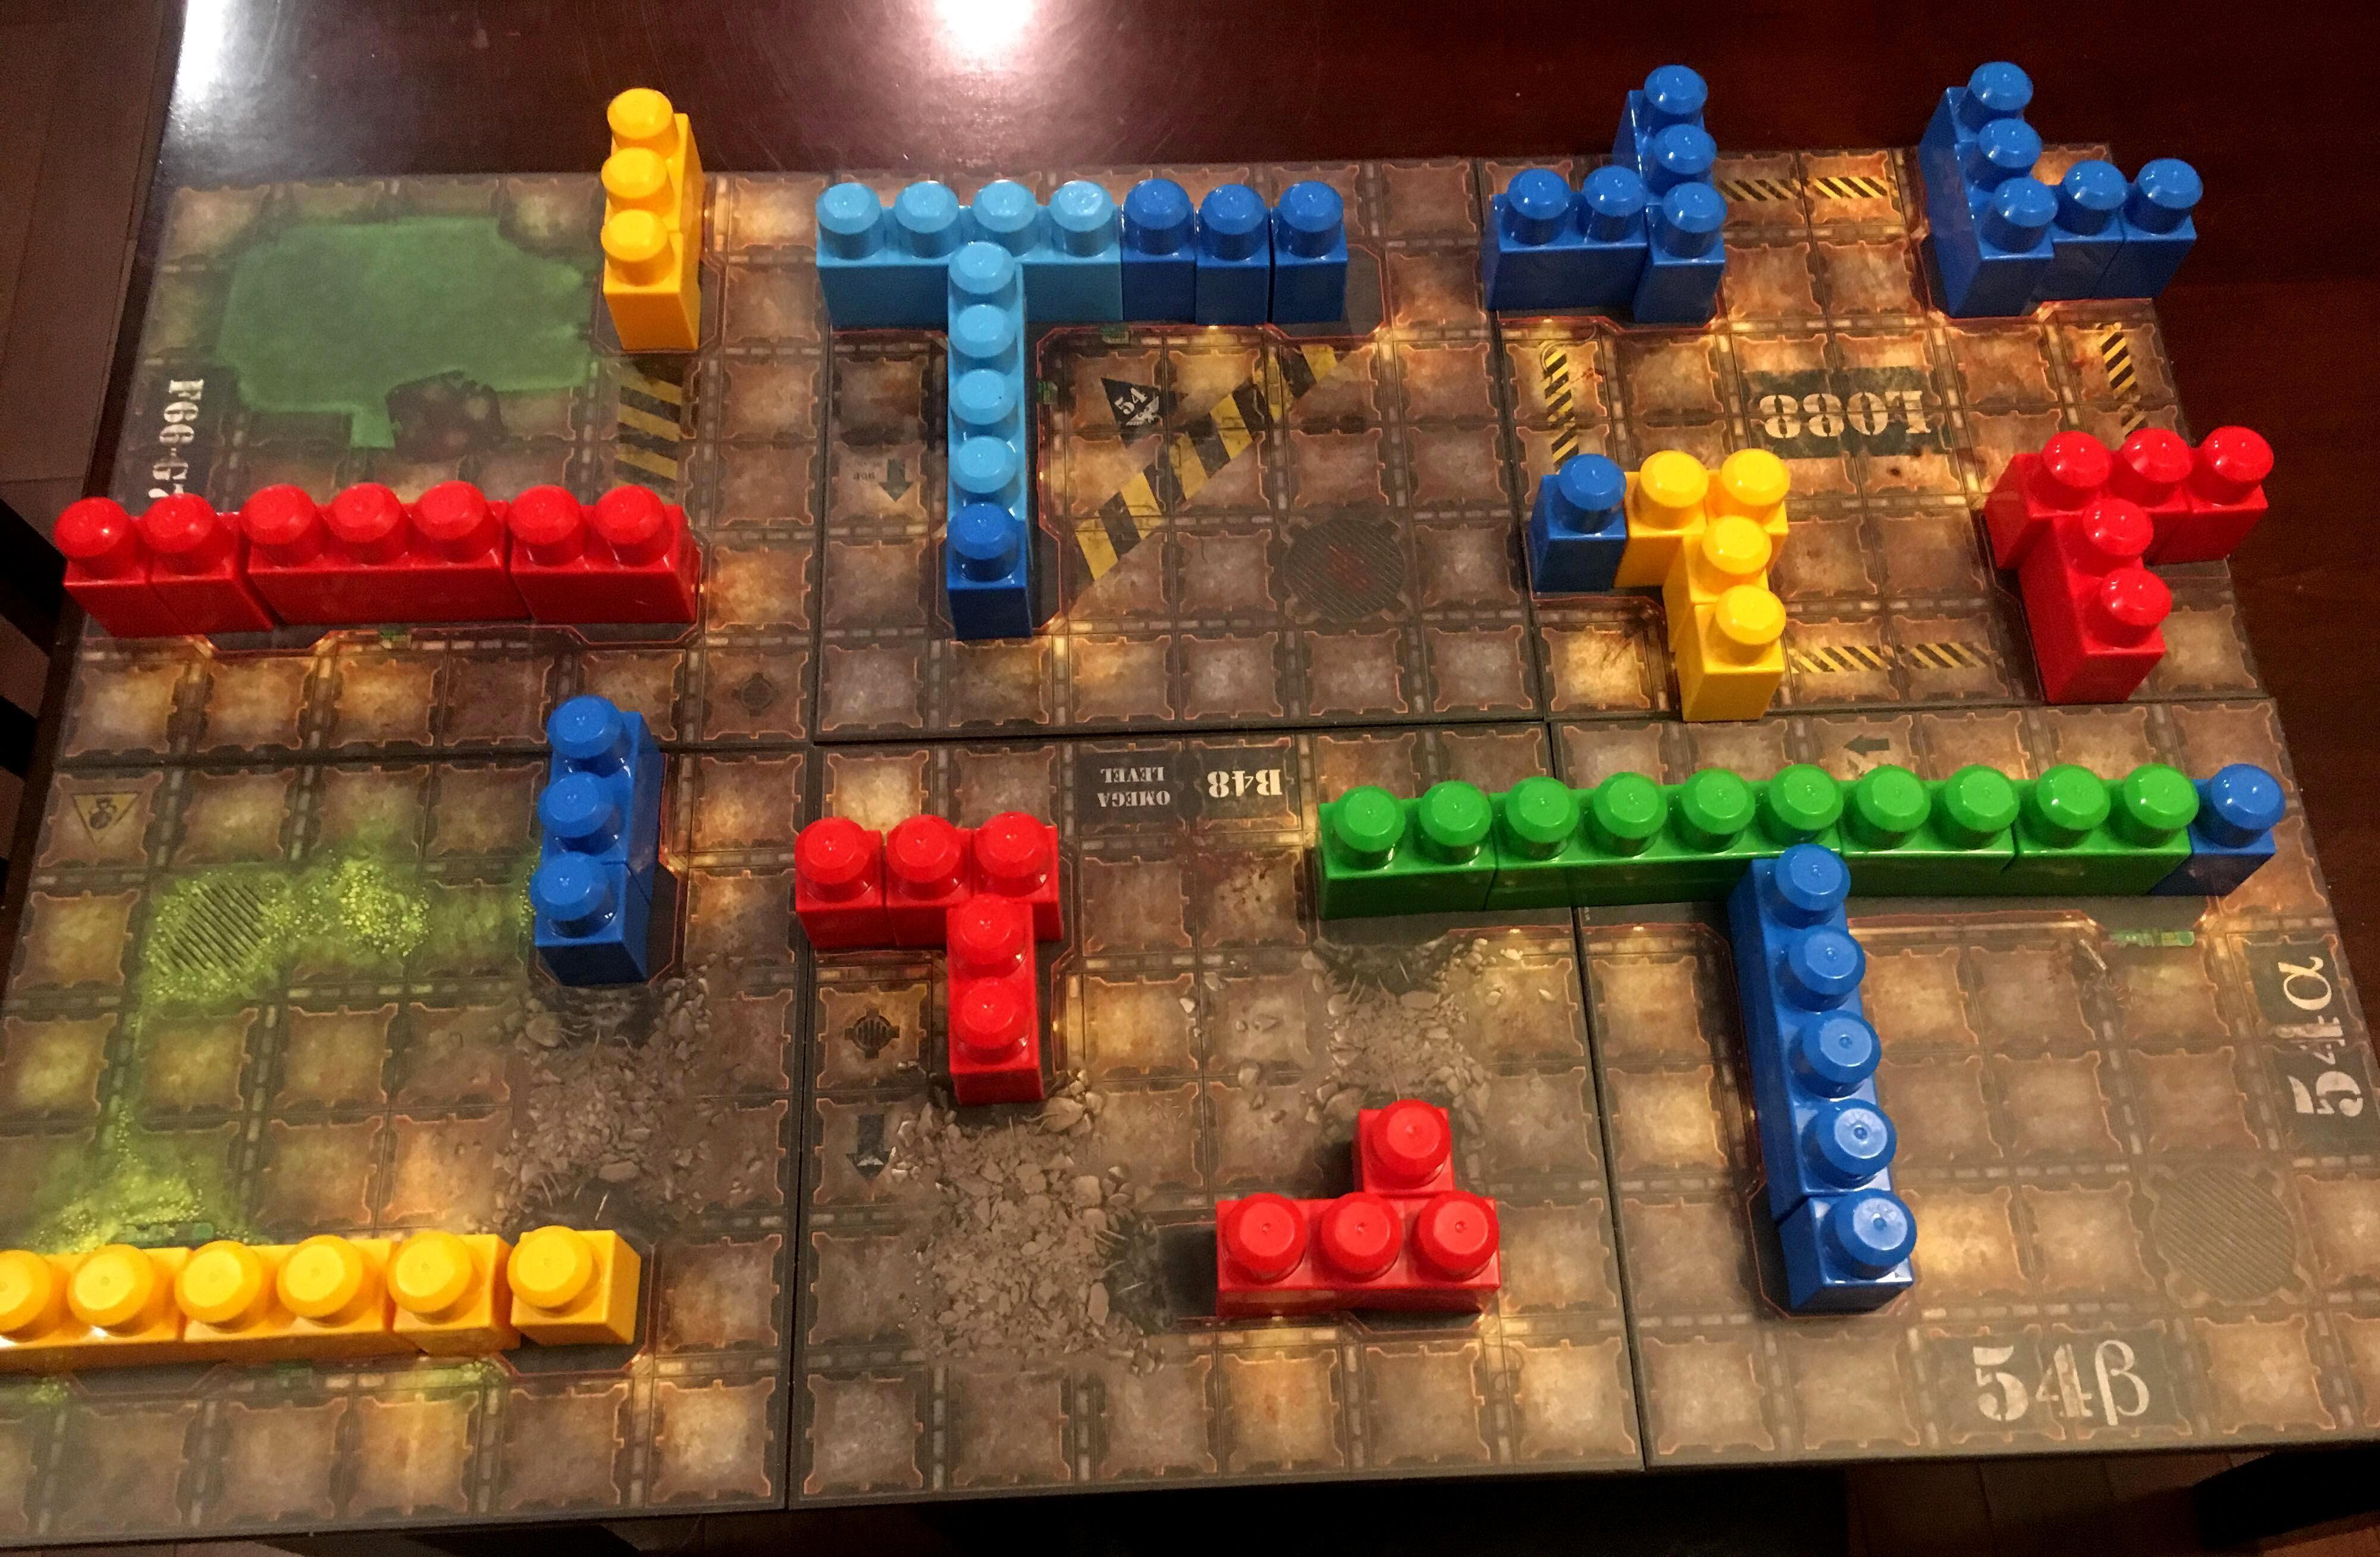 Escher, Goliath, Lego, Megablocks, N-17, N-18, Necromunda, Terrain, Toy, Underhive